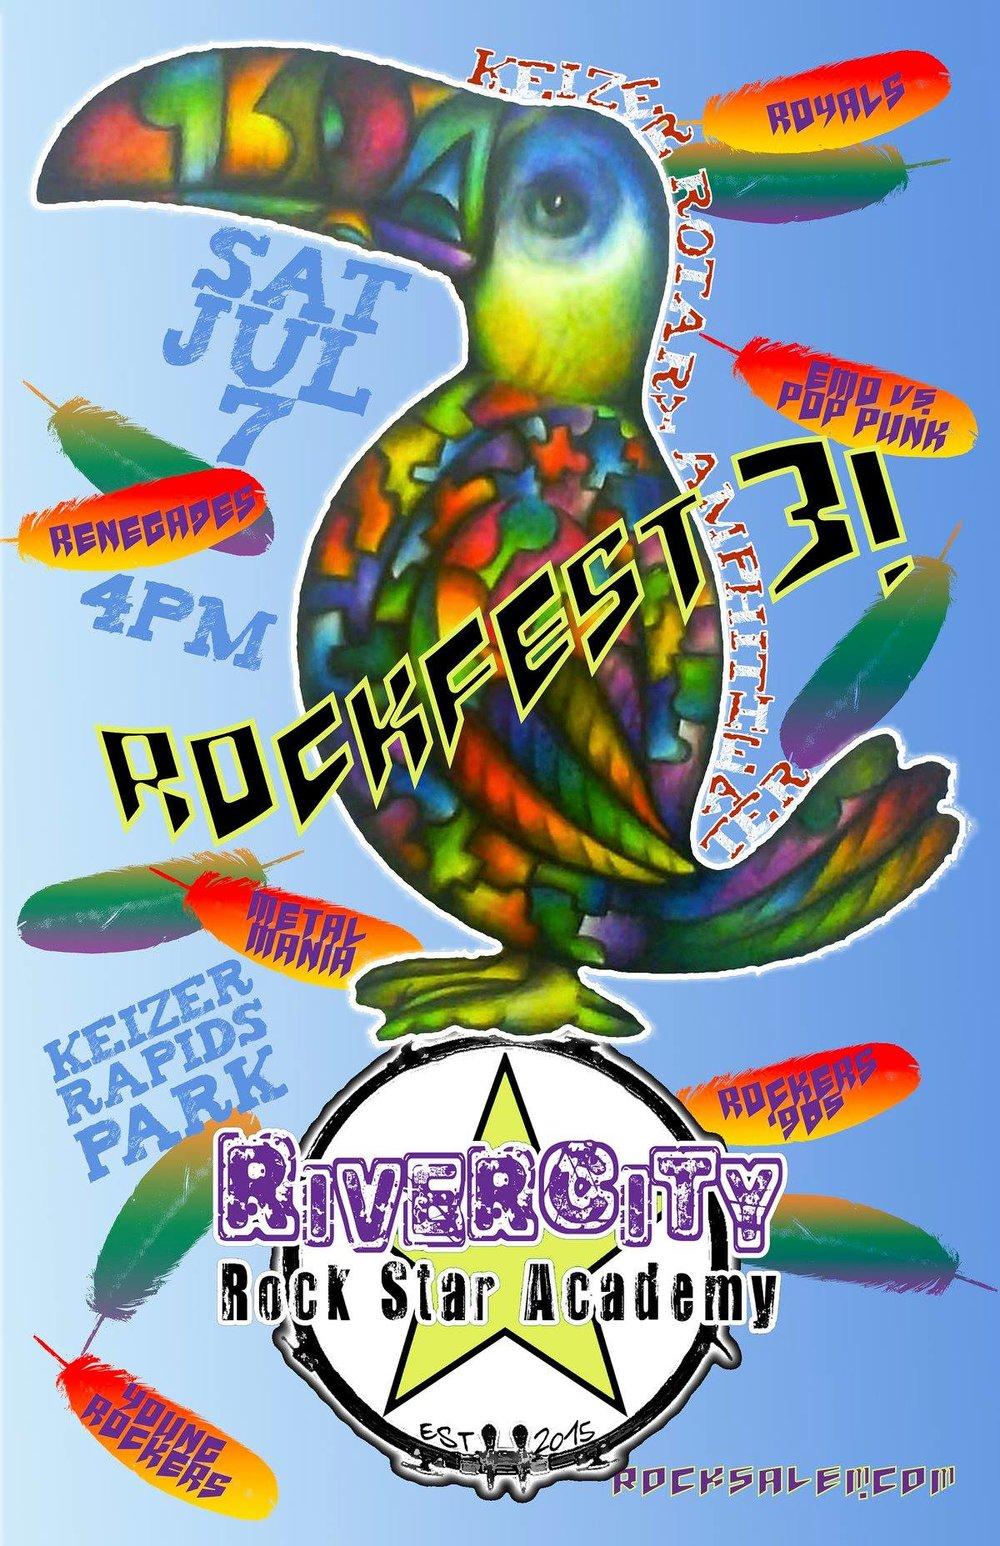 RiverCity-Rockfest